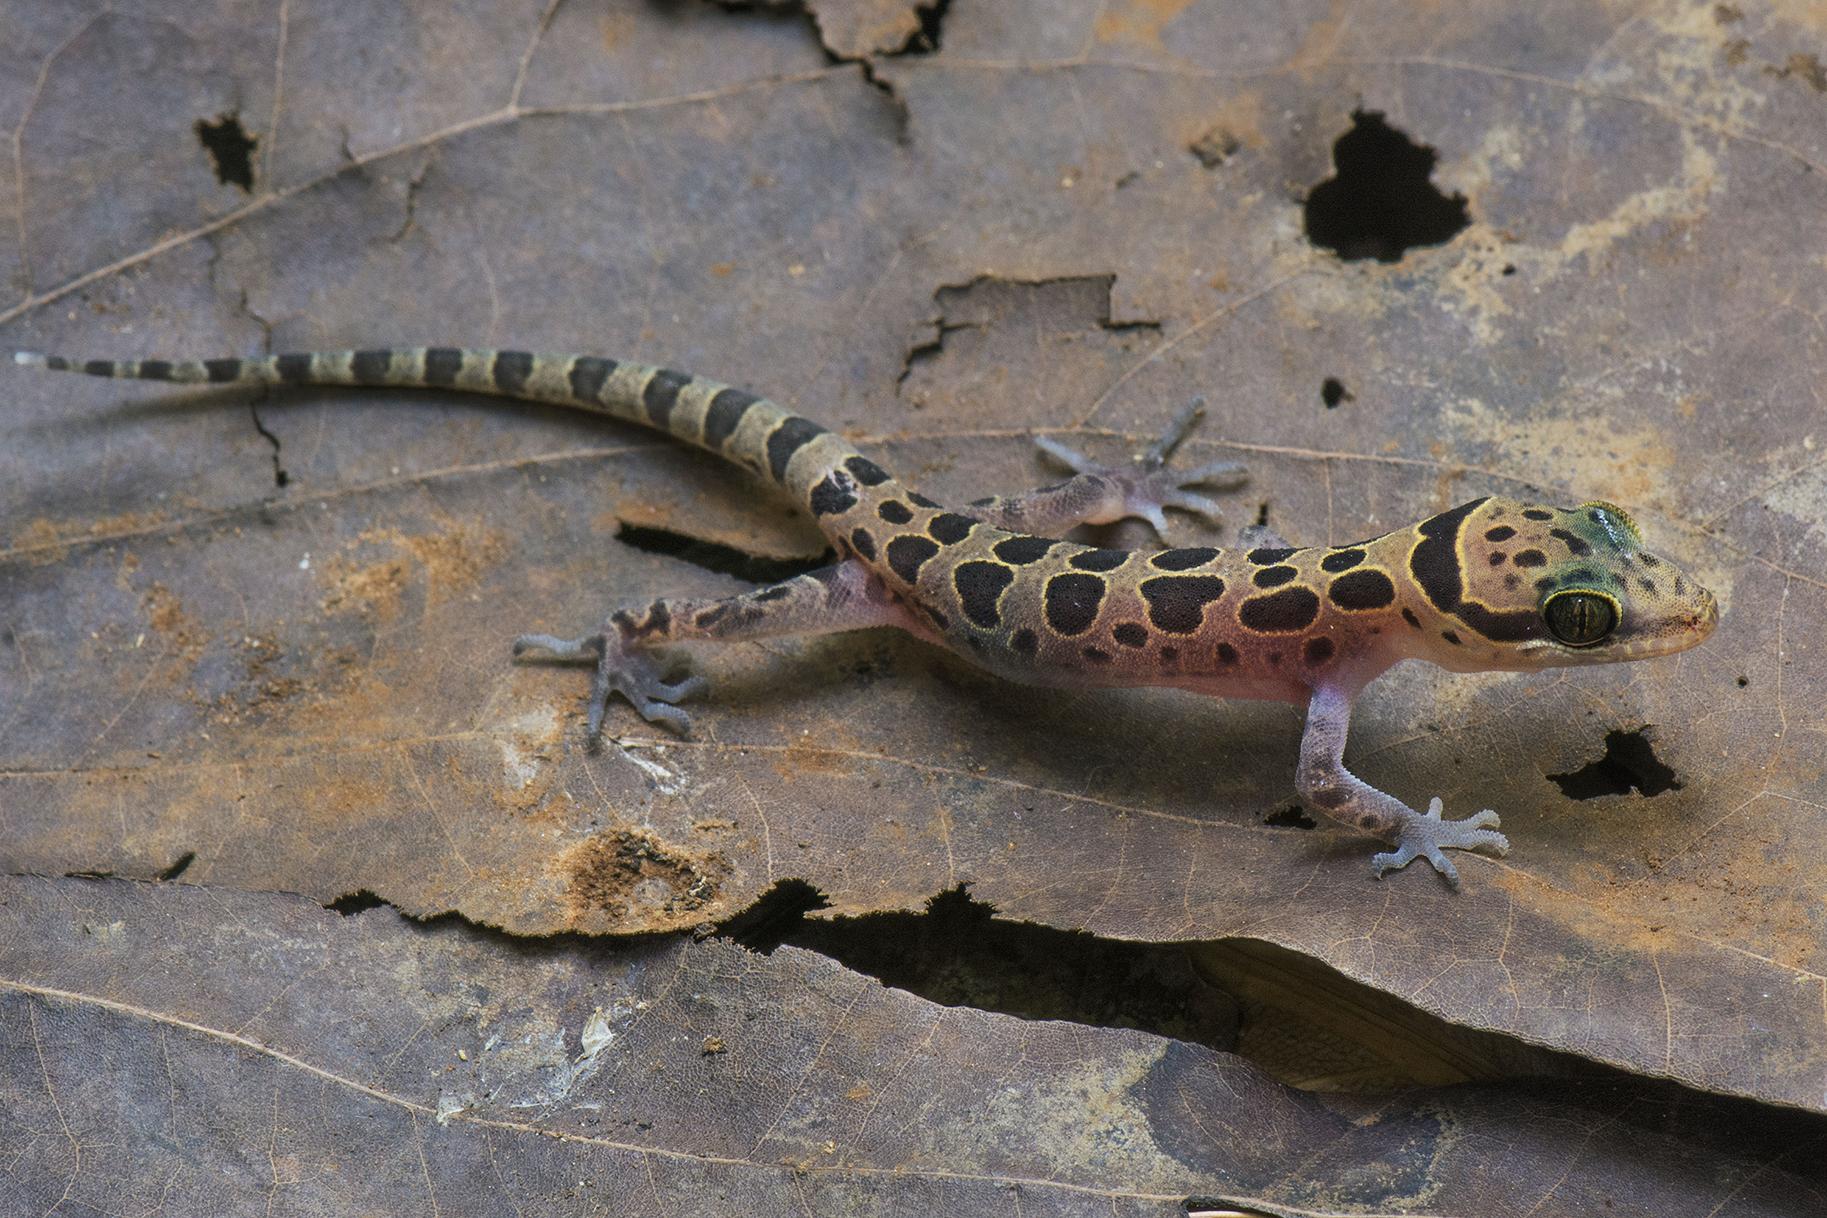 Cyrtodactylus meersi sp. nov., one of the new species described in the article. (Grismer et al. 2018, Figure 7.)